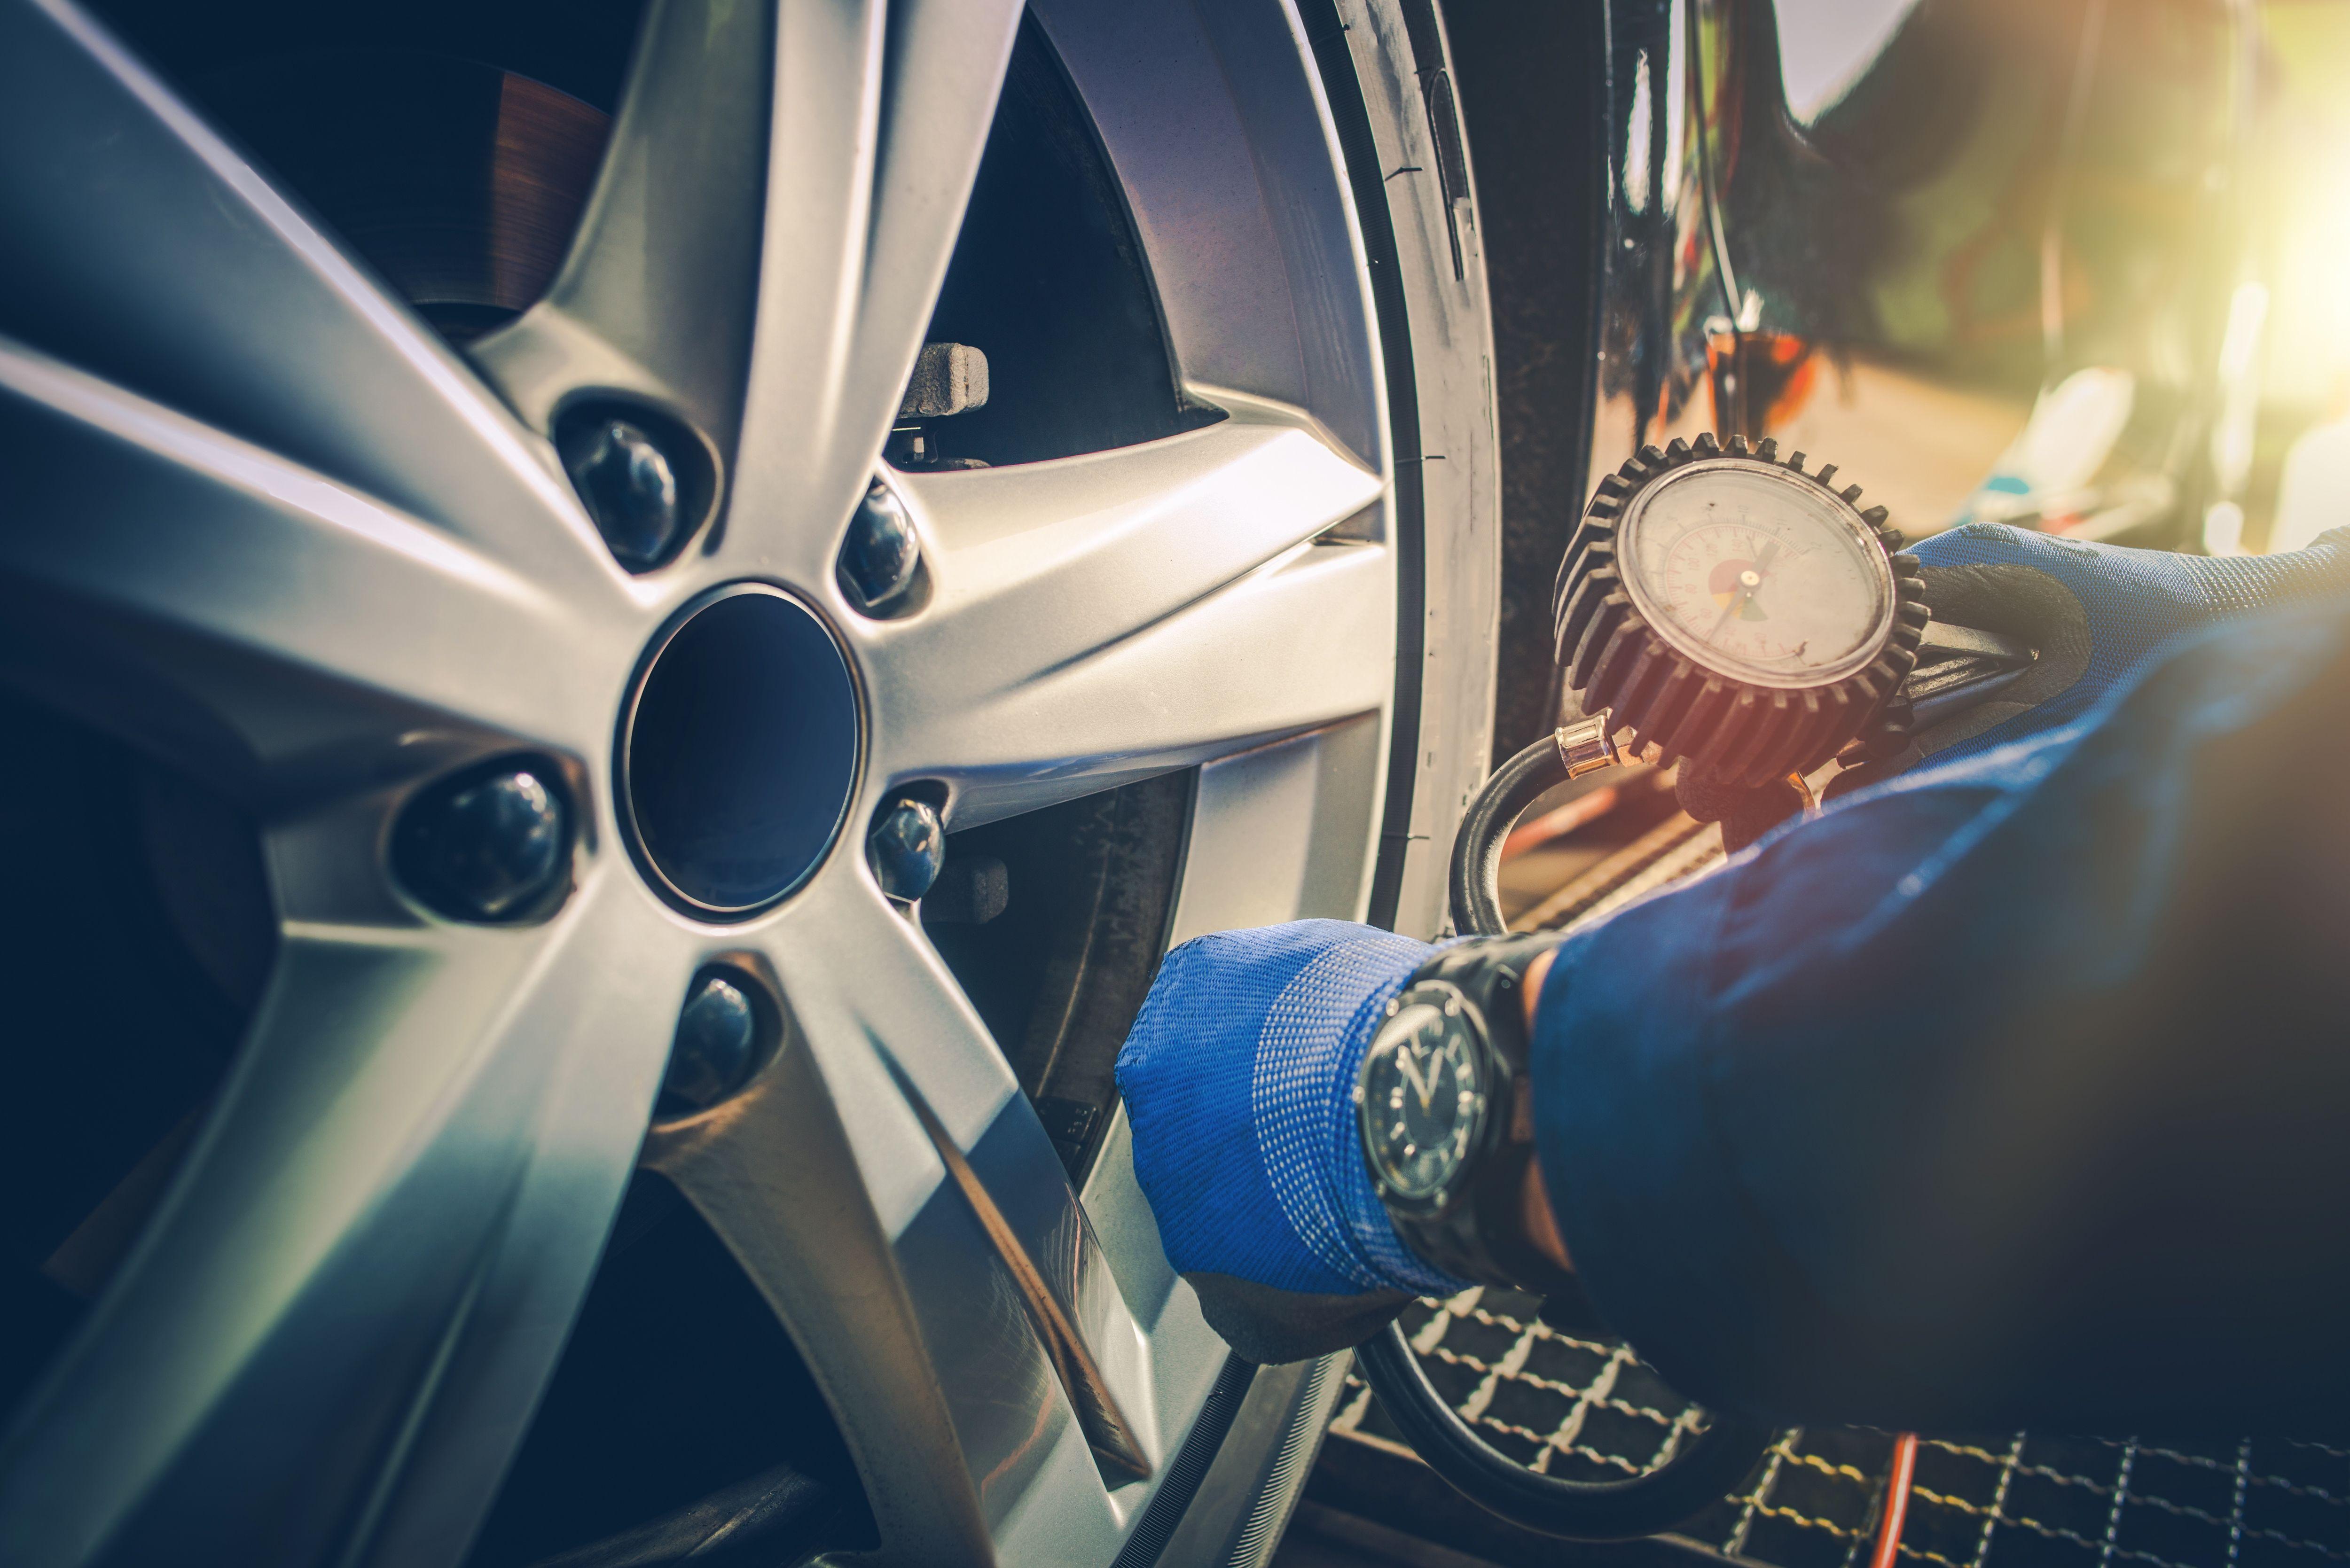 Medición manual de la presión de los neumáticos del automóvil